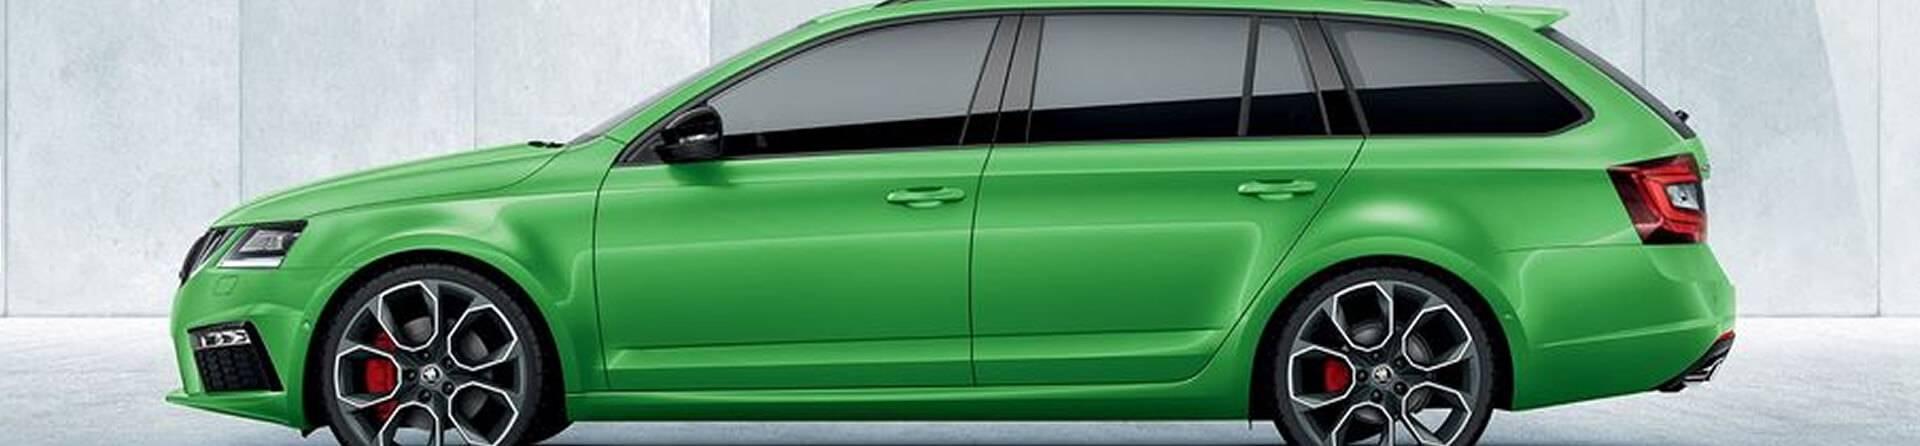 Skoda Octavia RS Wagon